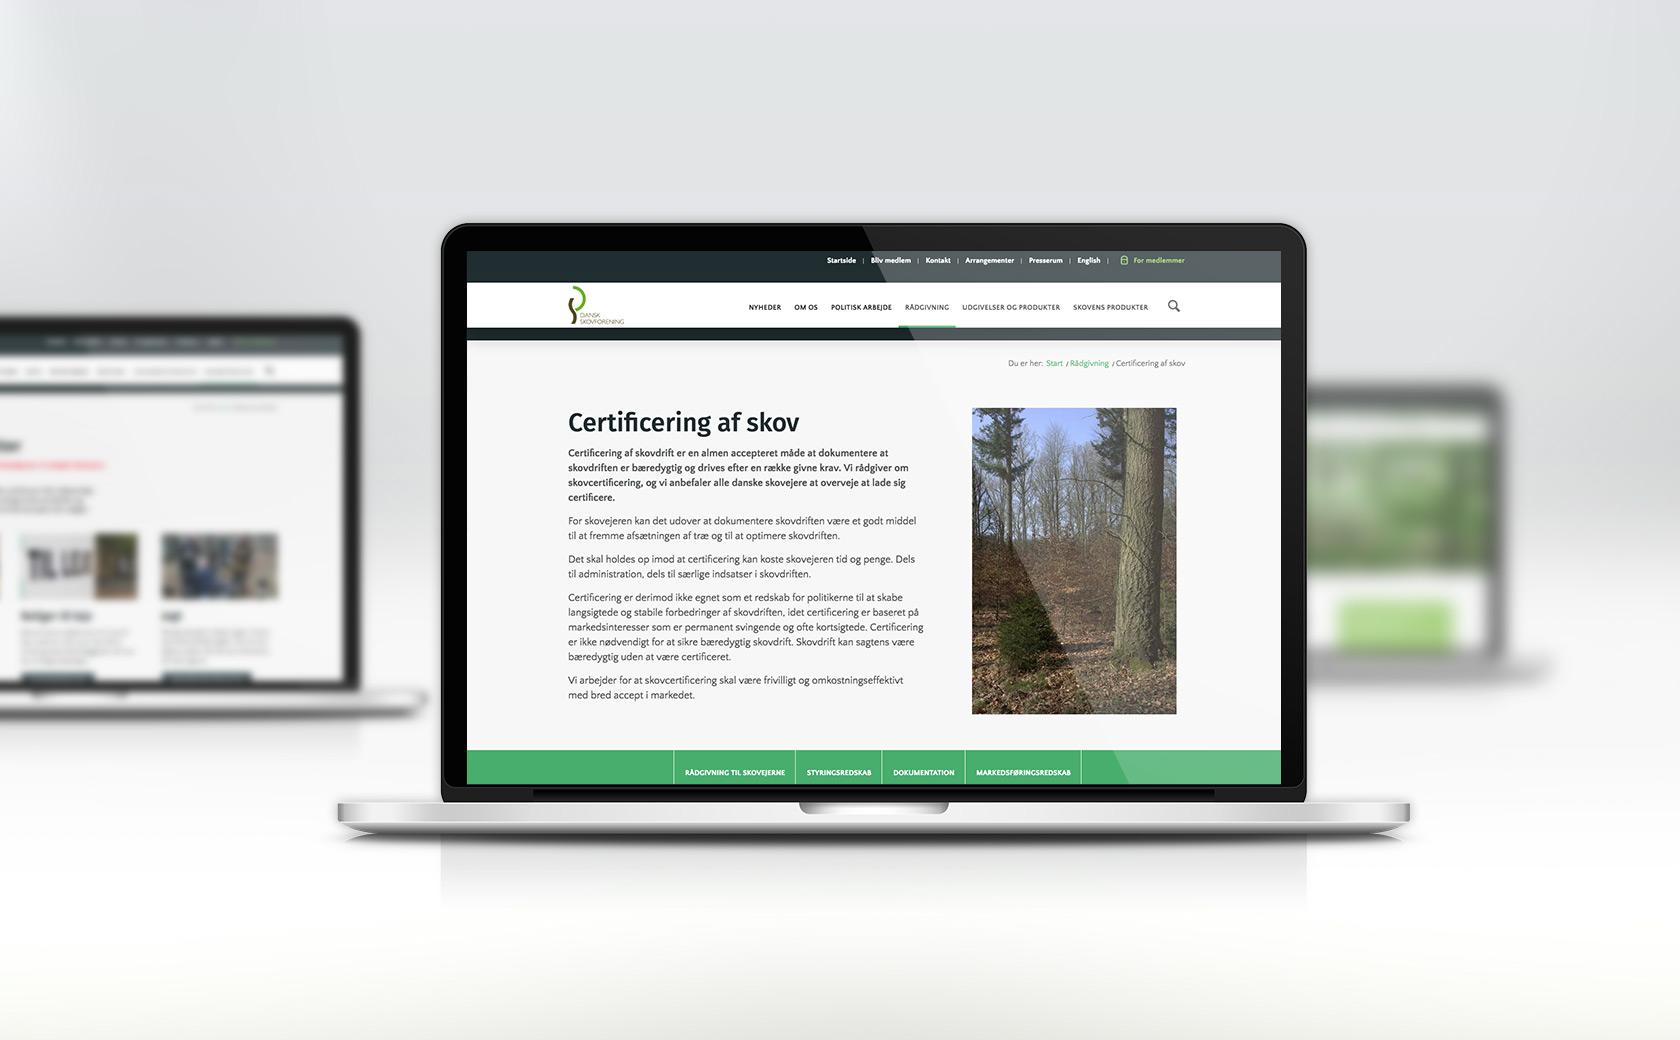 Skovforeningen_screens_02.jpg